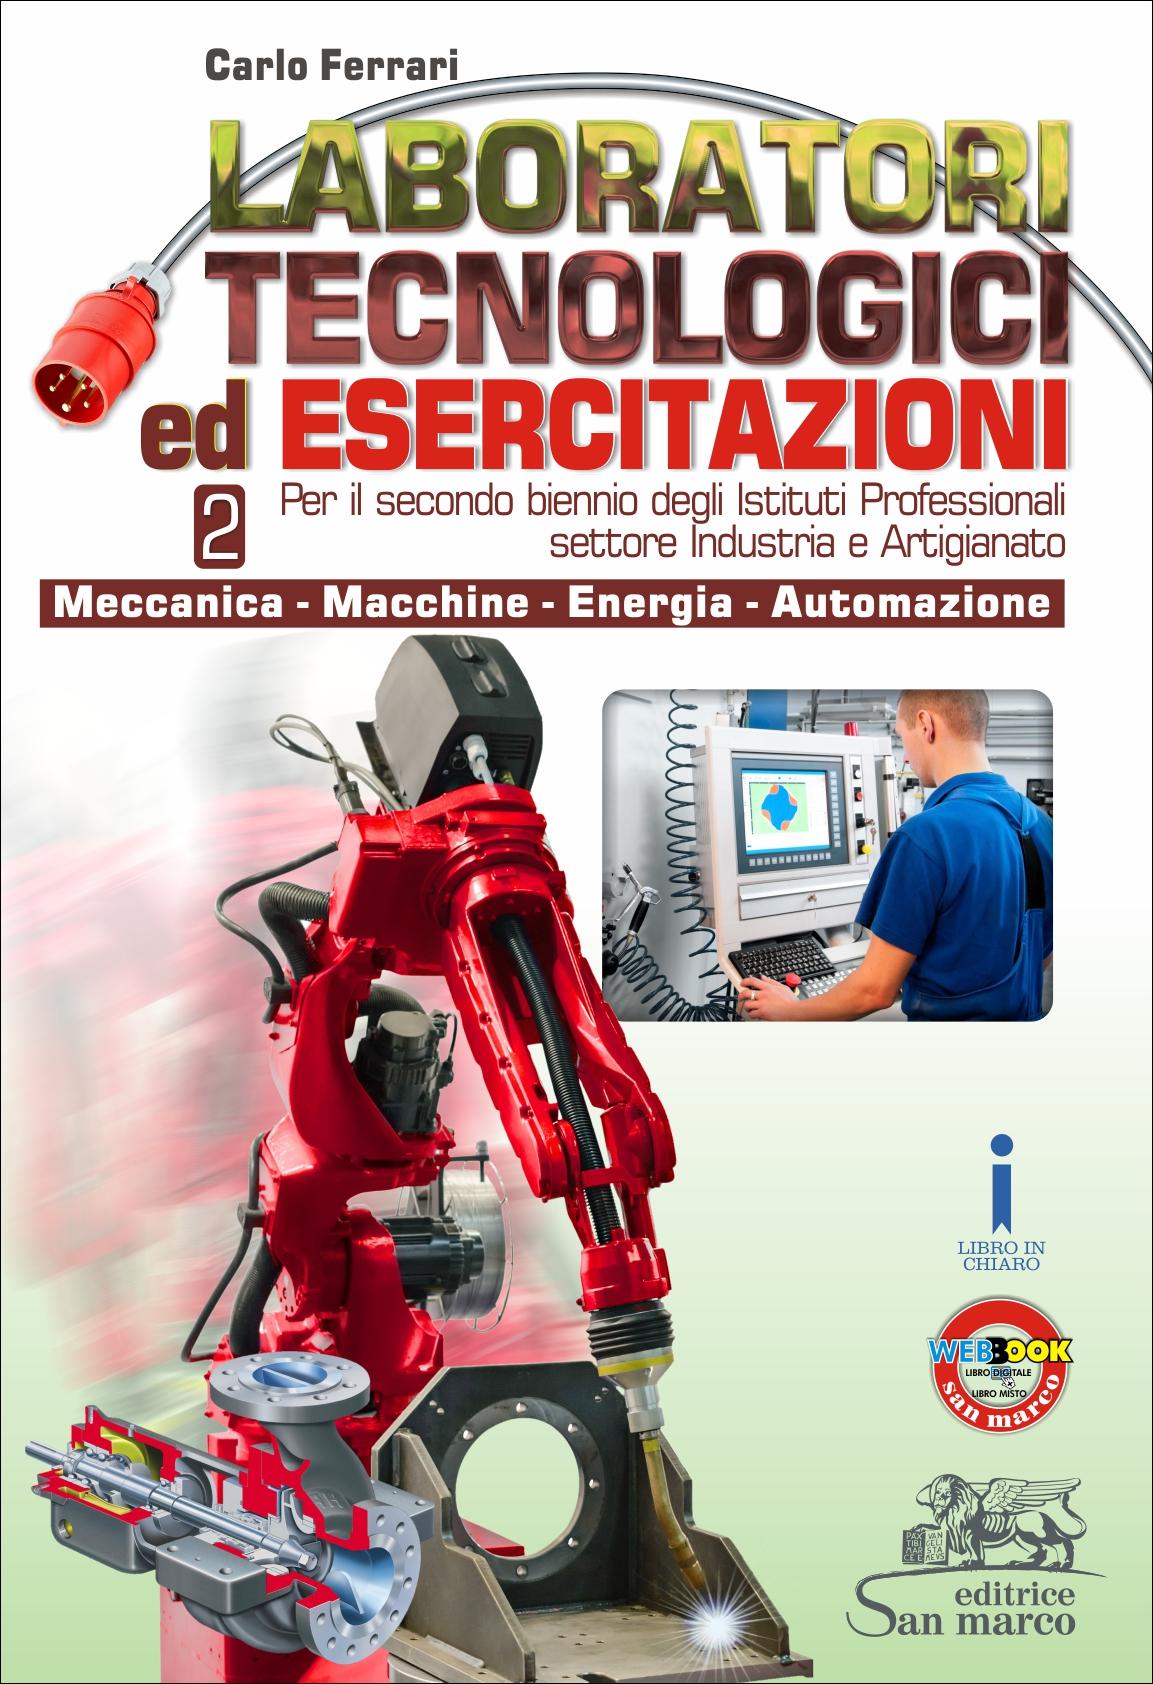 Laboratori Tecnologici ed Esercitazioni 2 - Meccanica - Macchine - Energia - Automazione